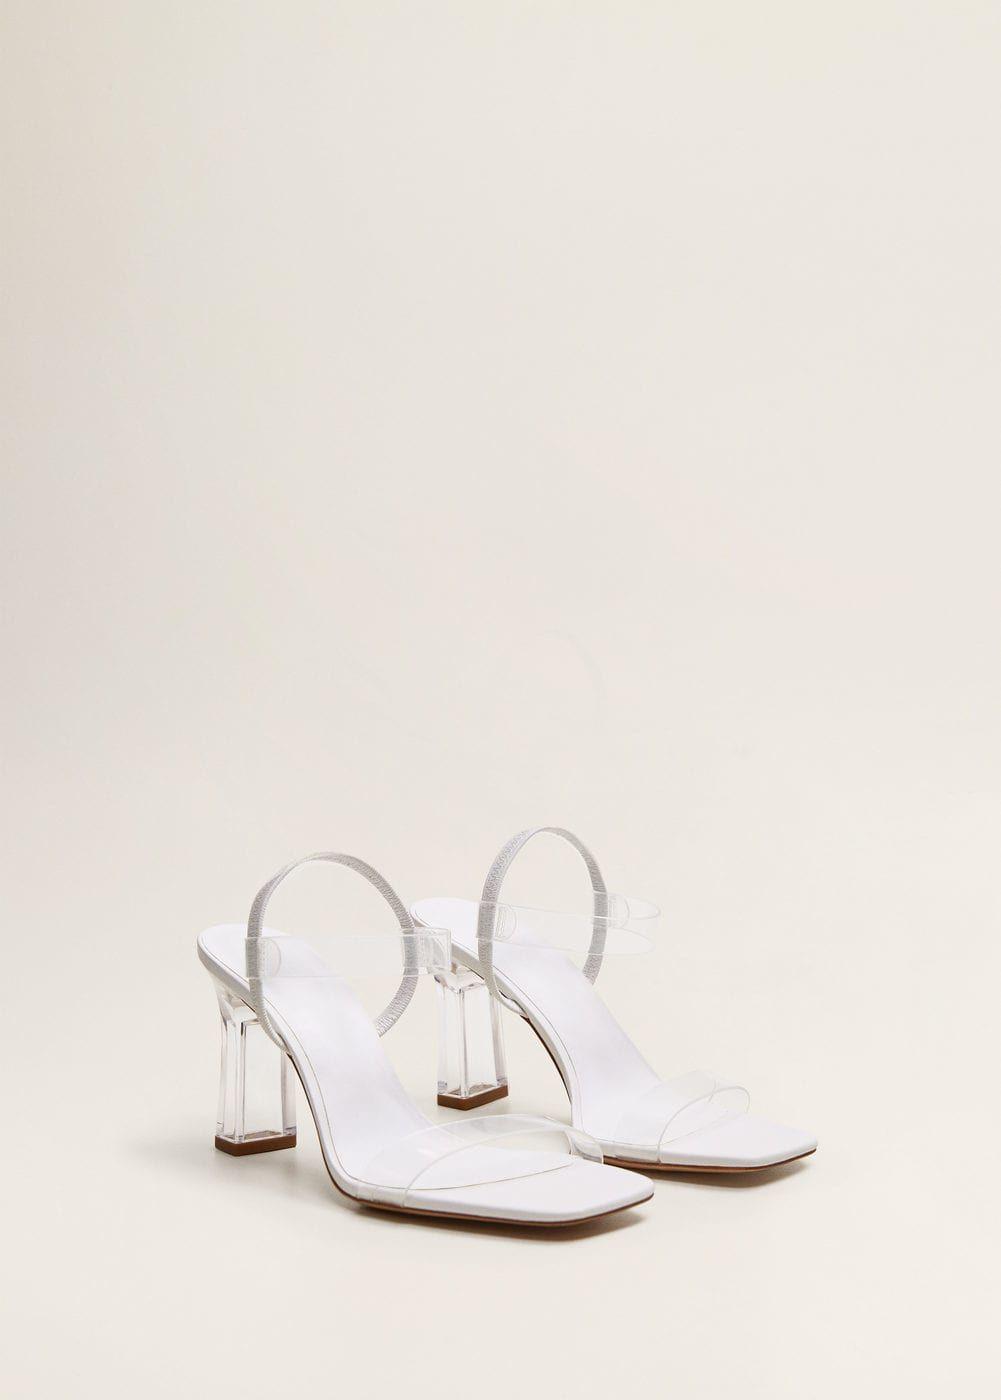 wholesale dealer 94e07 80e8e Sandale mit vinyl-riemen - Damen | Shoes! in 2019 | Schuhe ...